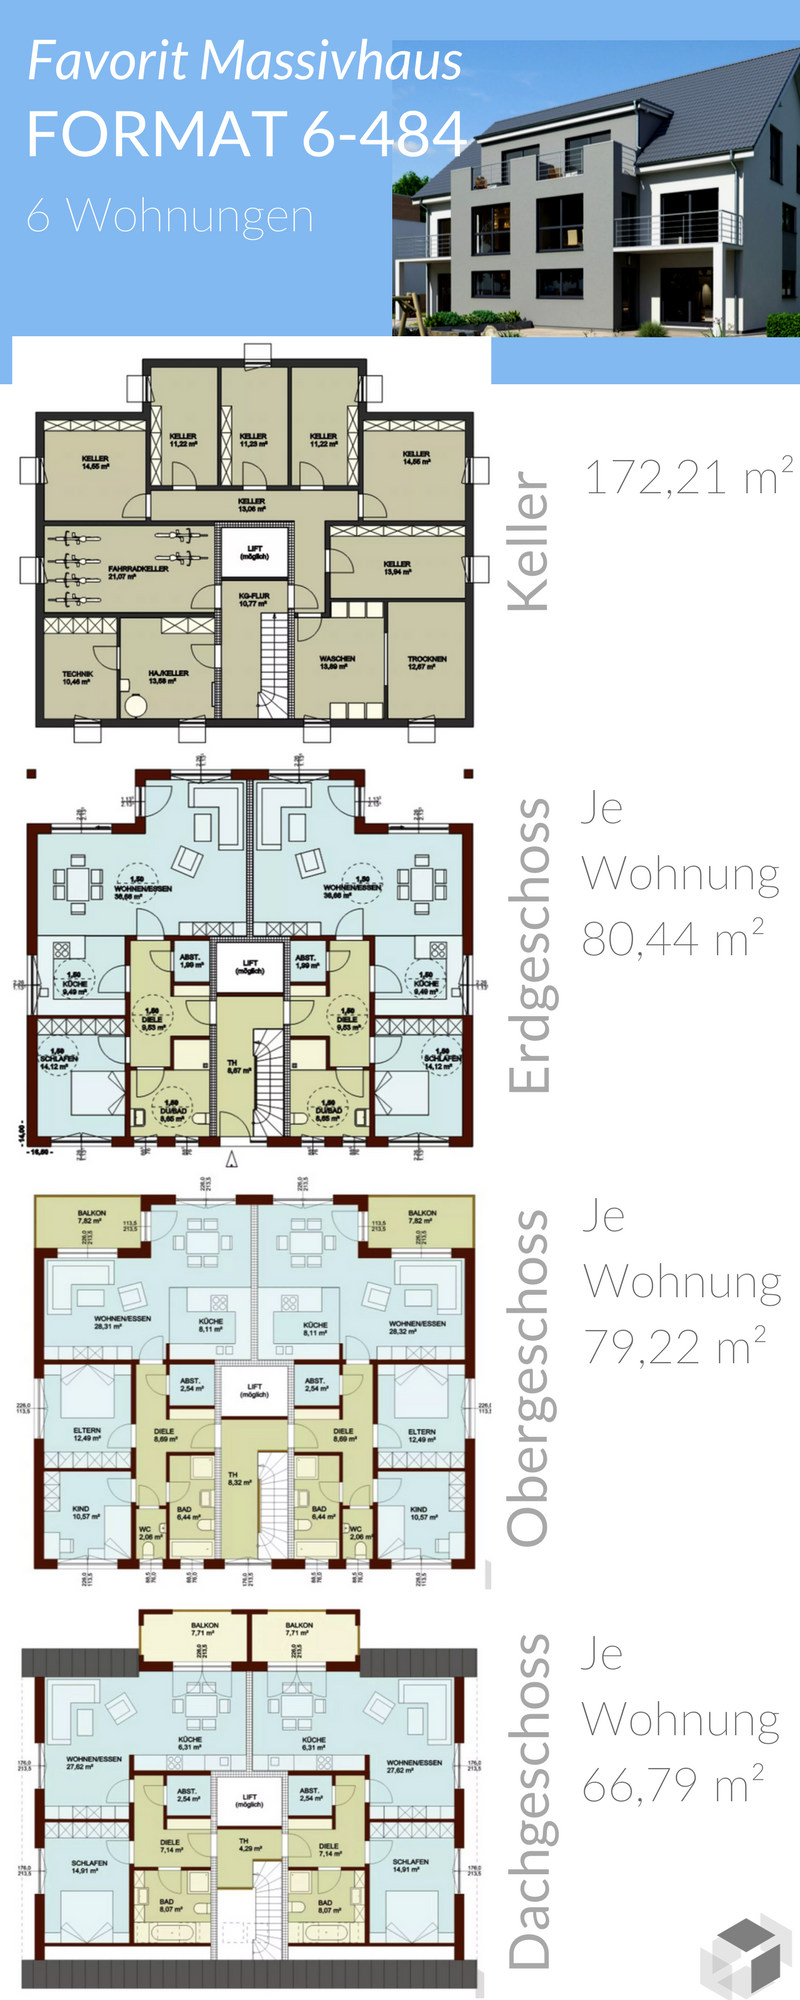 mehrfamilienhaus mit 6 wohnungen von favorit massivhaus. Black Bedroom Furniture Sets. Home Design Ideas